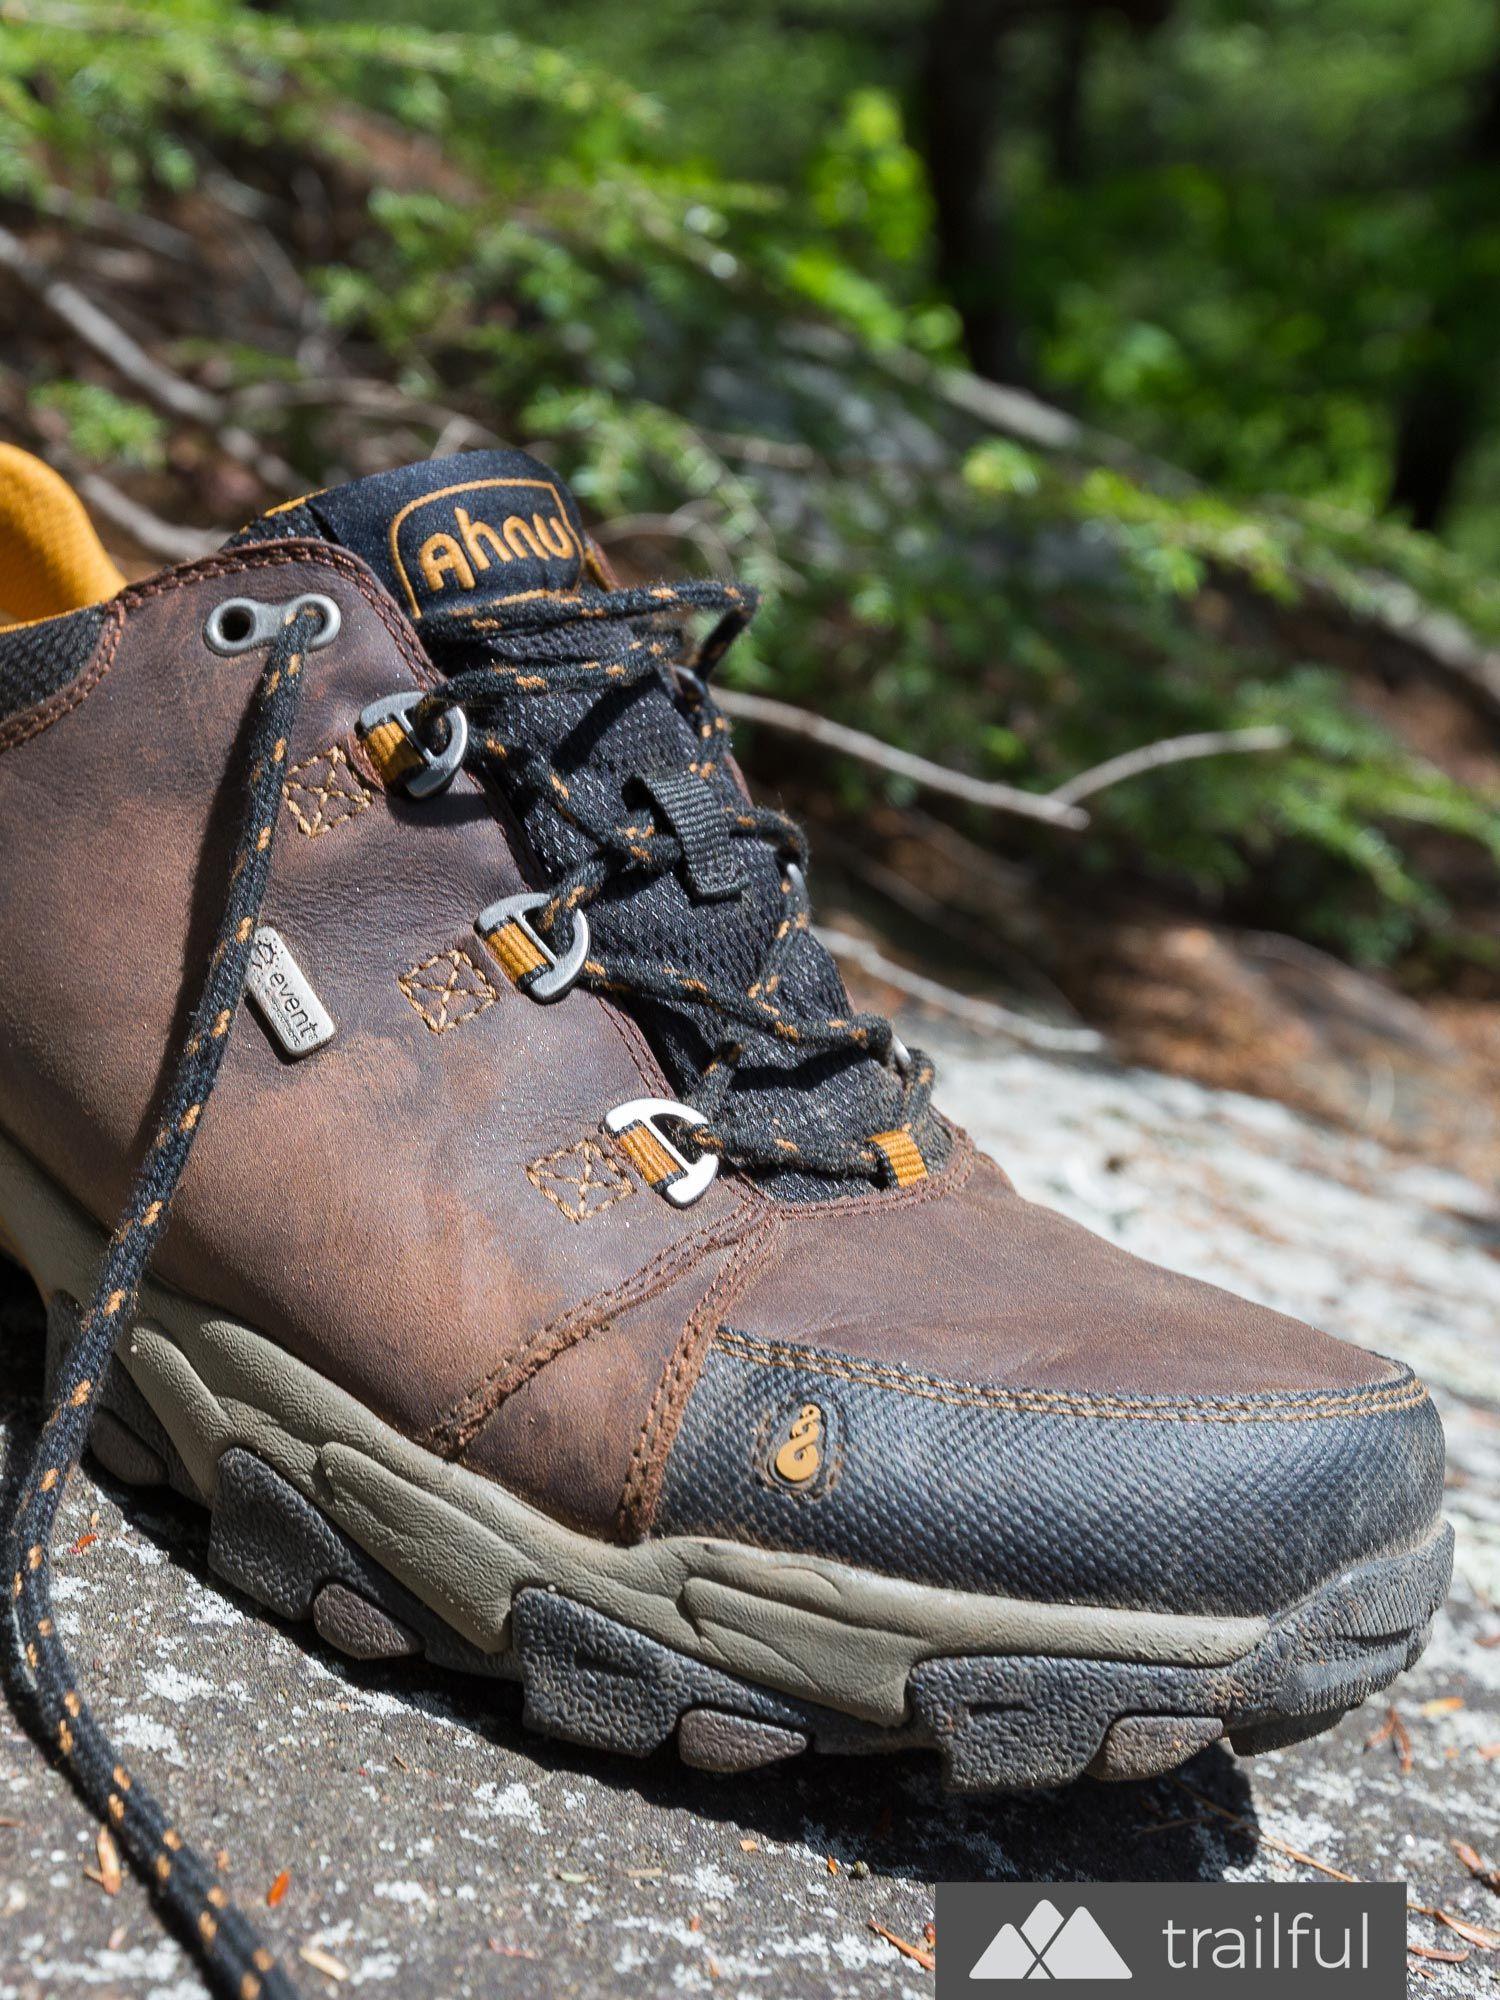 Ahnu Coburn men's hiking boot review